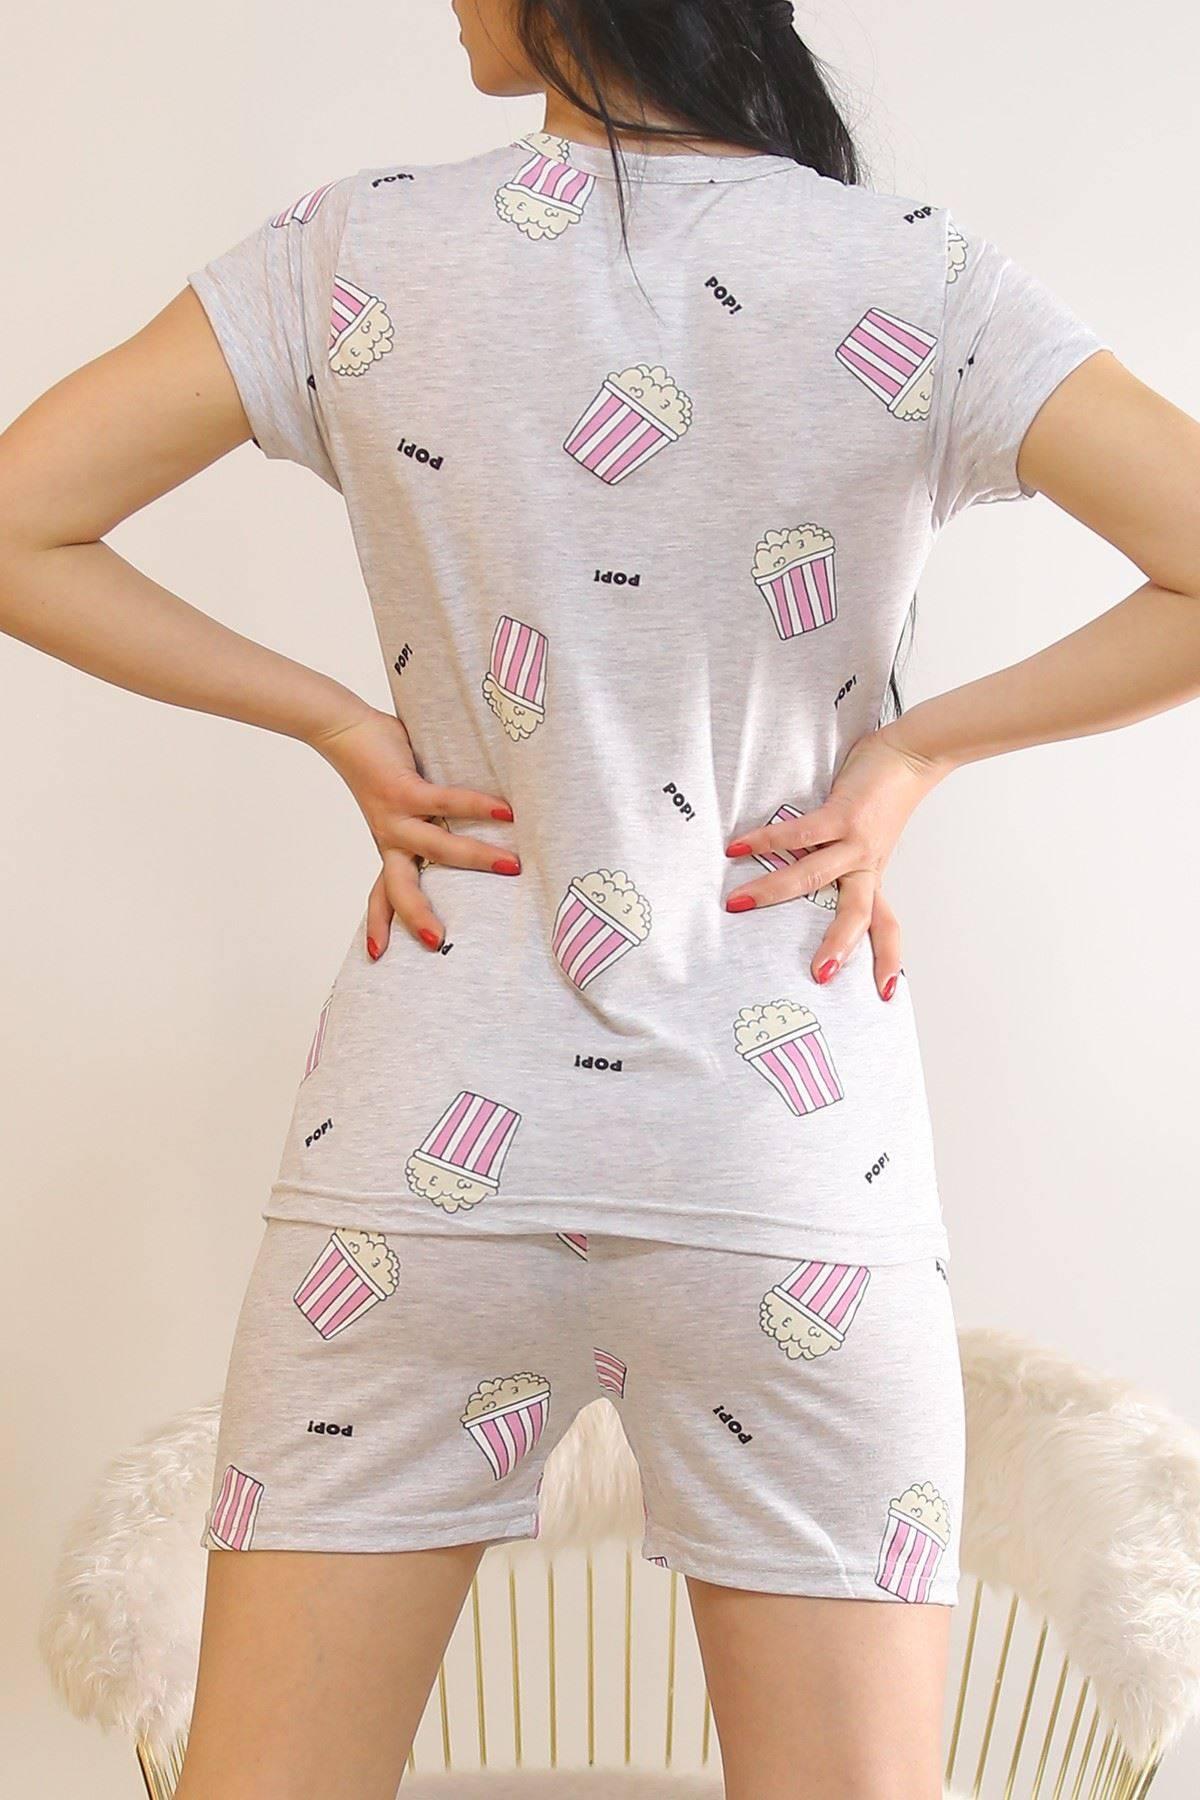 Şortlu Pijama Takımı Gri - 5995.1287.